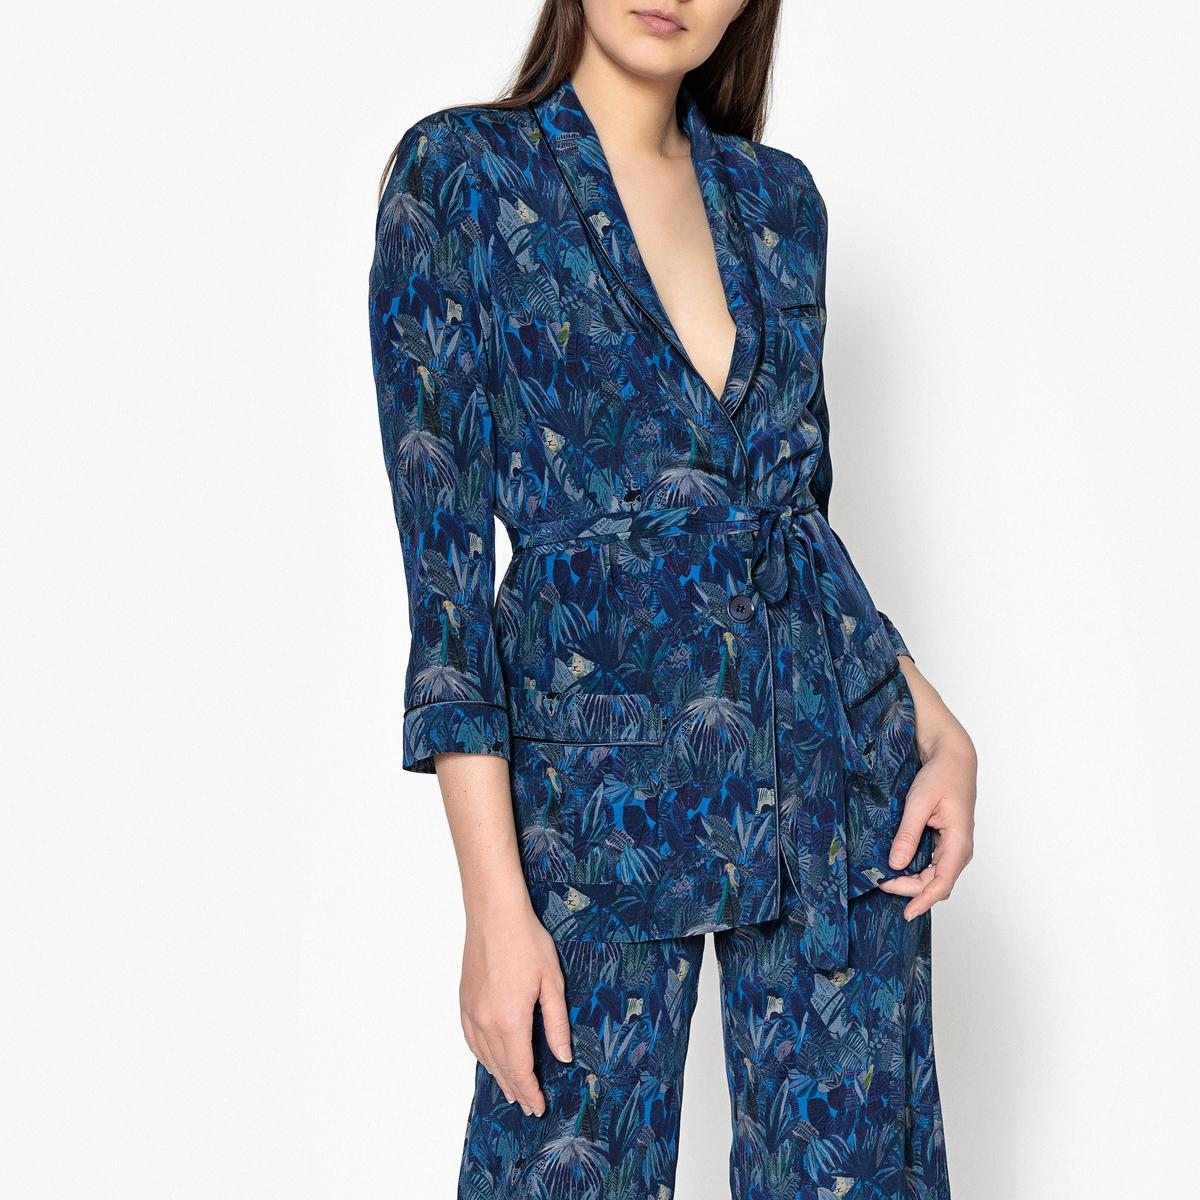 Жакет в стиле кимоно с рисунком HANAIAPA платье в стиле кимоно 44